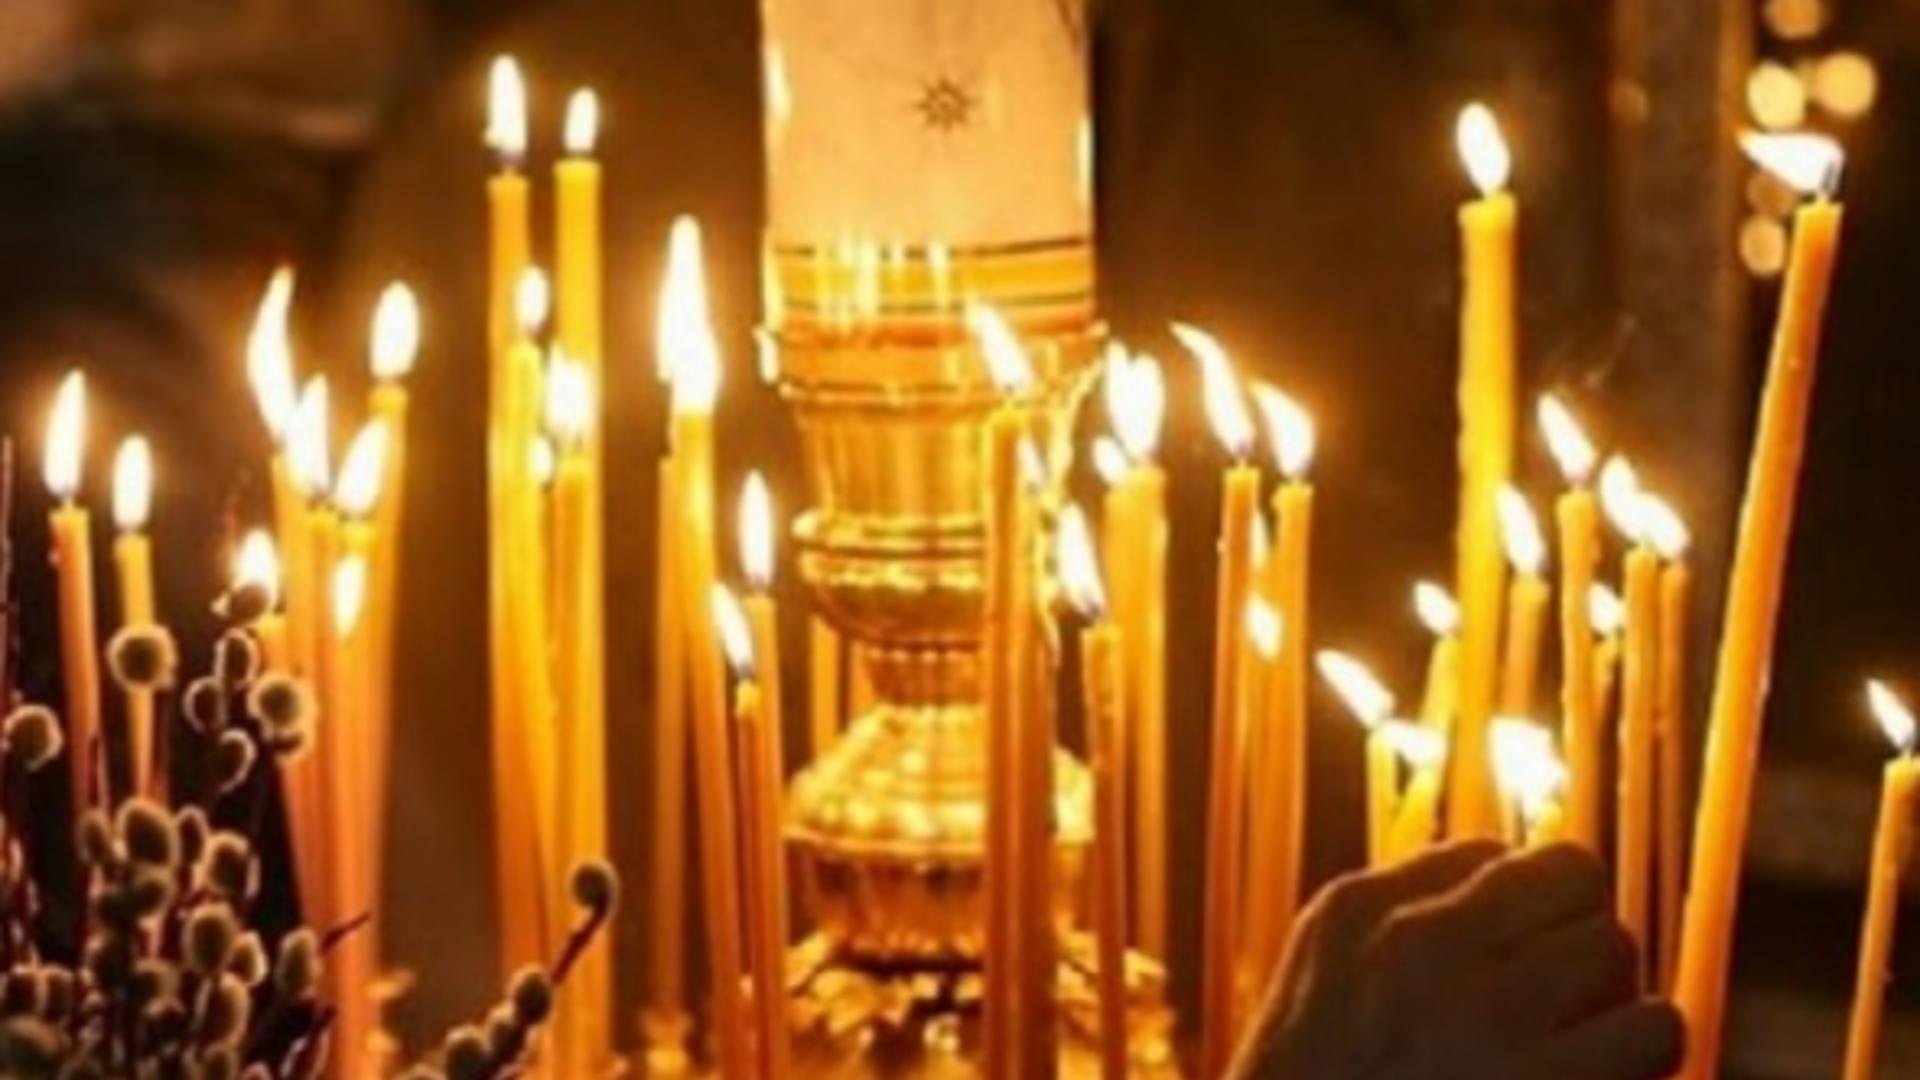 Există mai multe mituri legate de lumânările din biserică